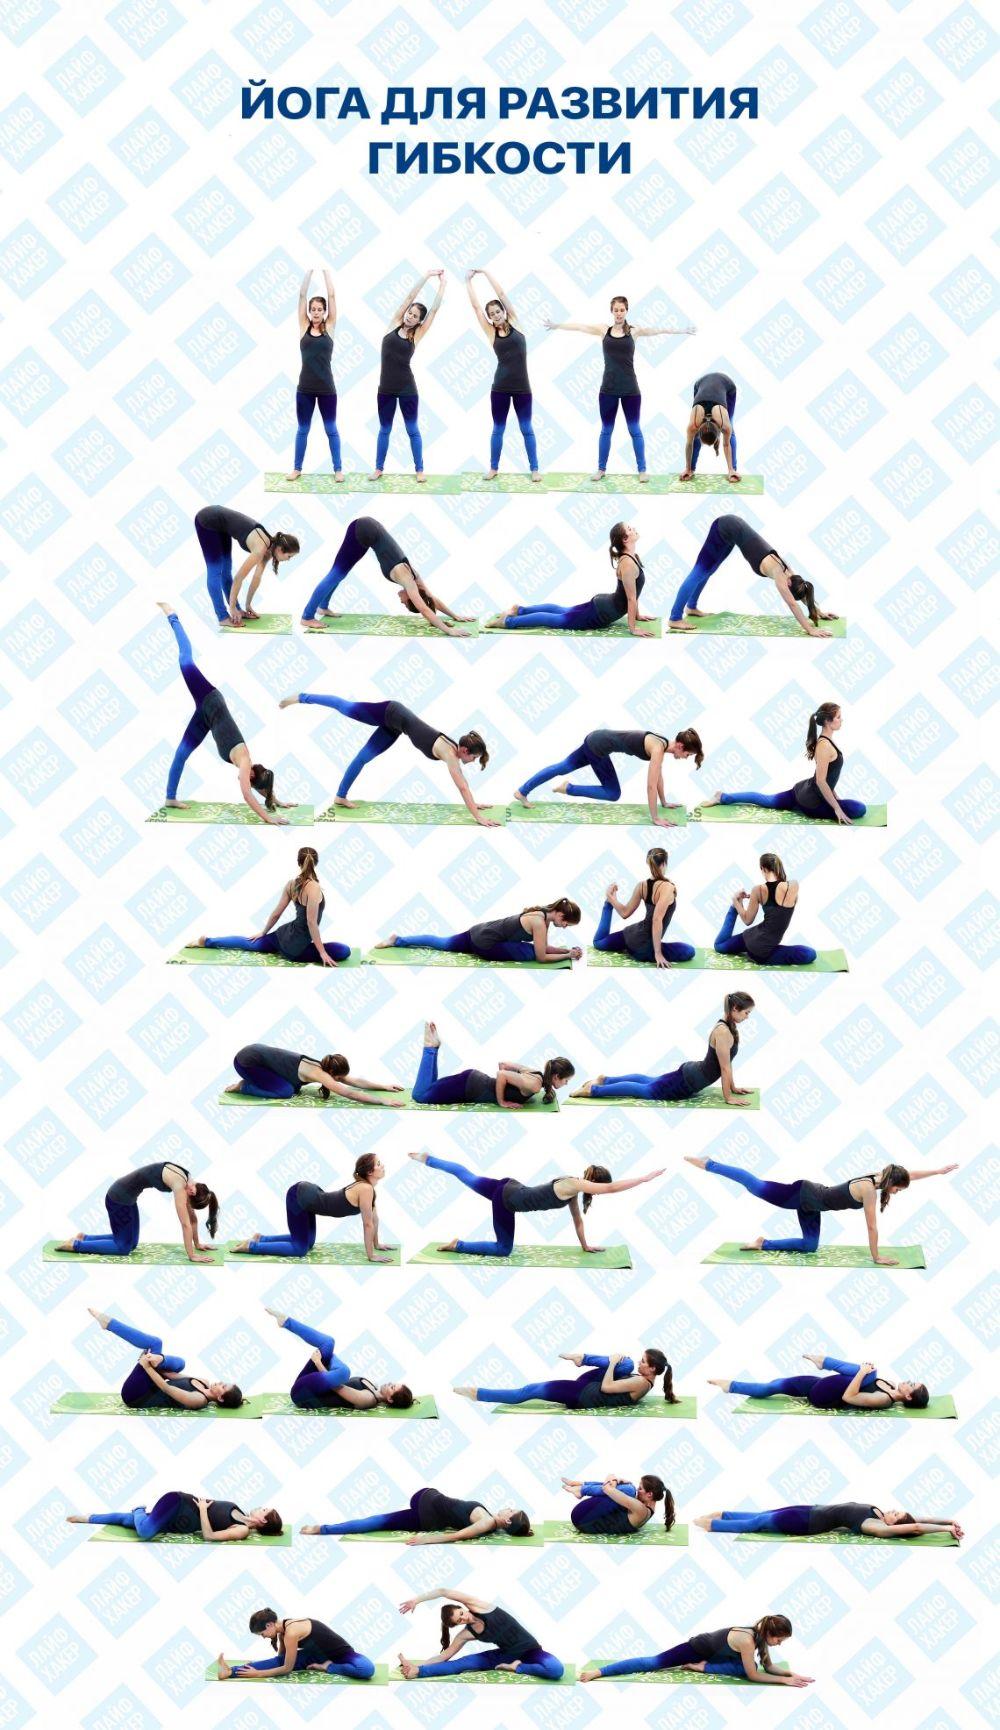 Подборка комплексов йоги